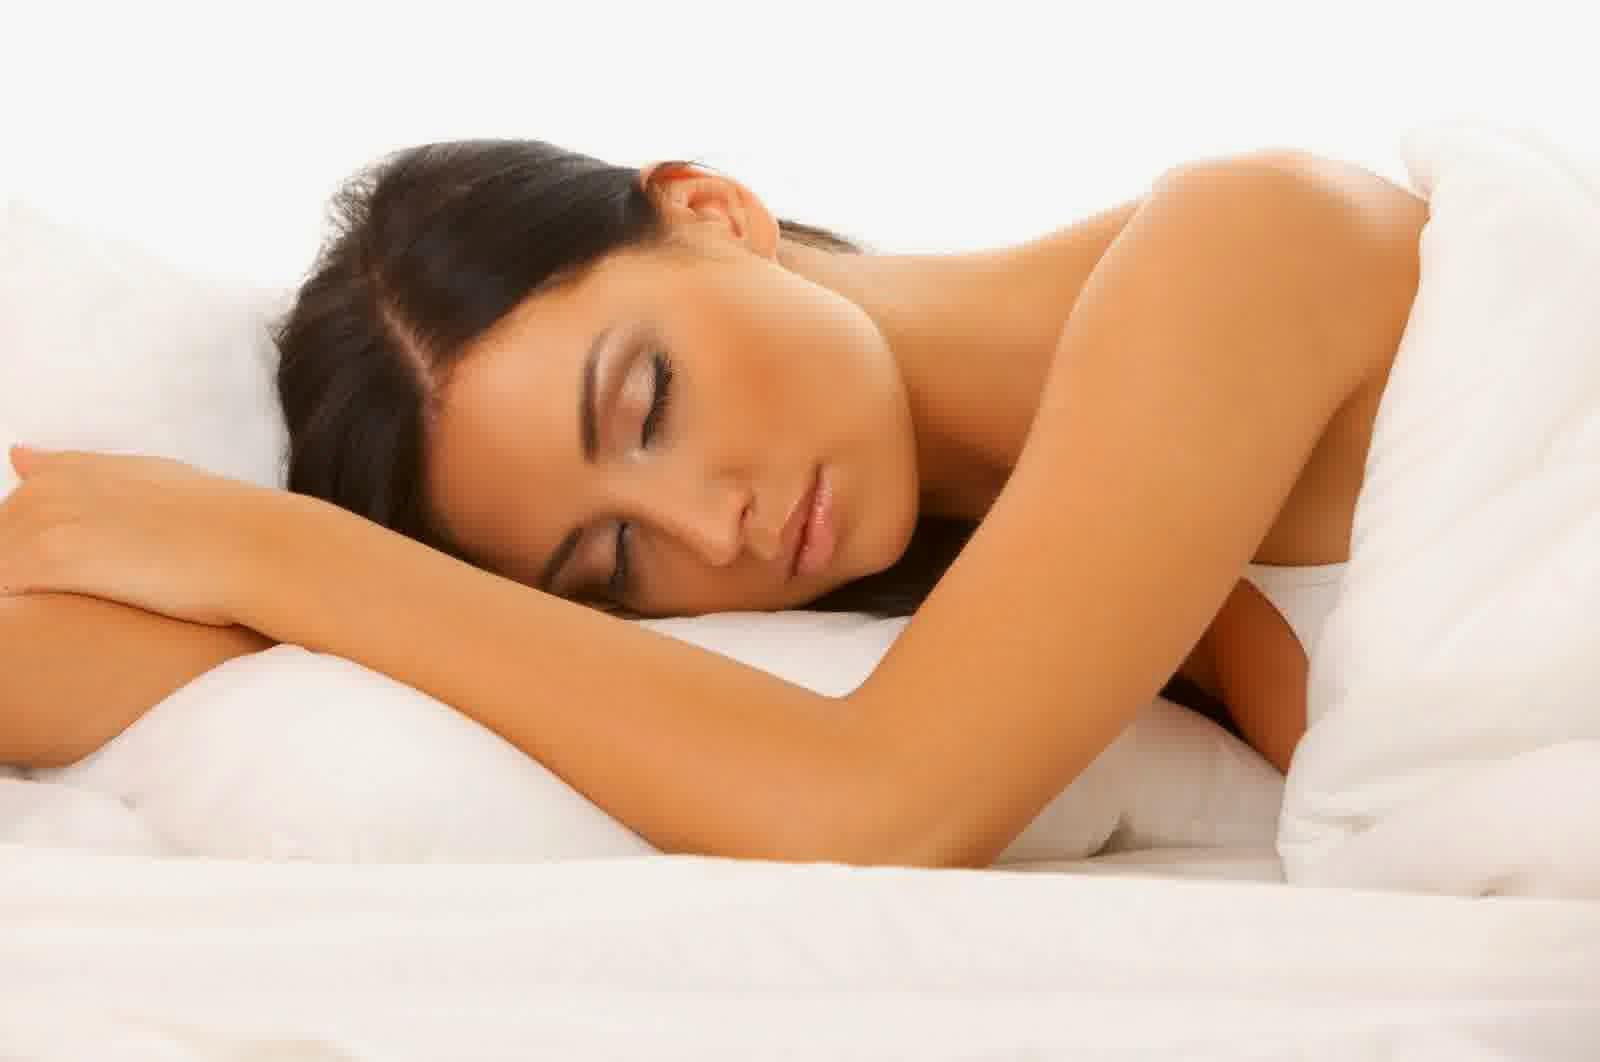 Tidur, Obat Alami Terbaik Untuk Pemulihan Phisik dan Mental